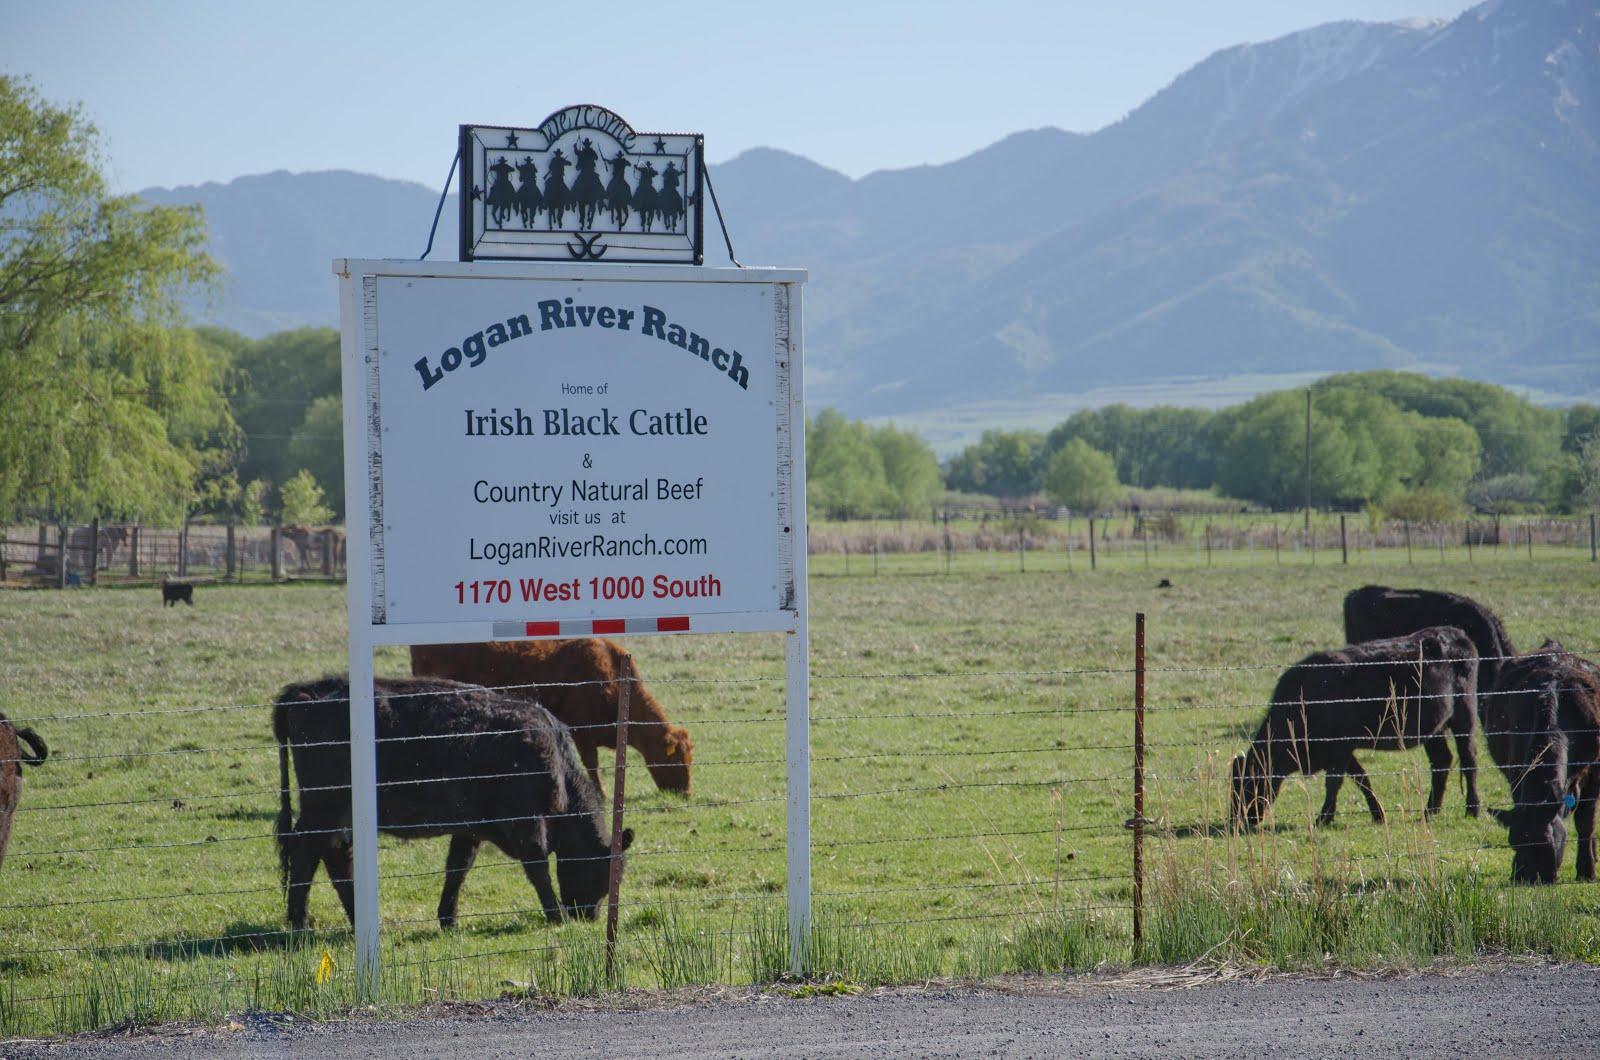 Logan River Ranch ~ Irish Blacks Country Natural Beef (CNB